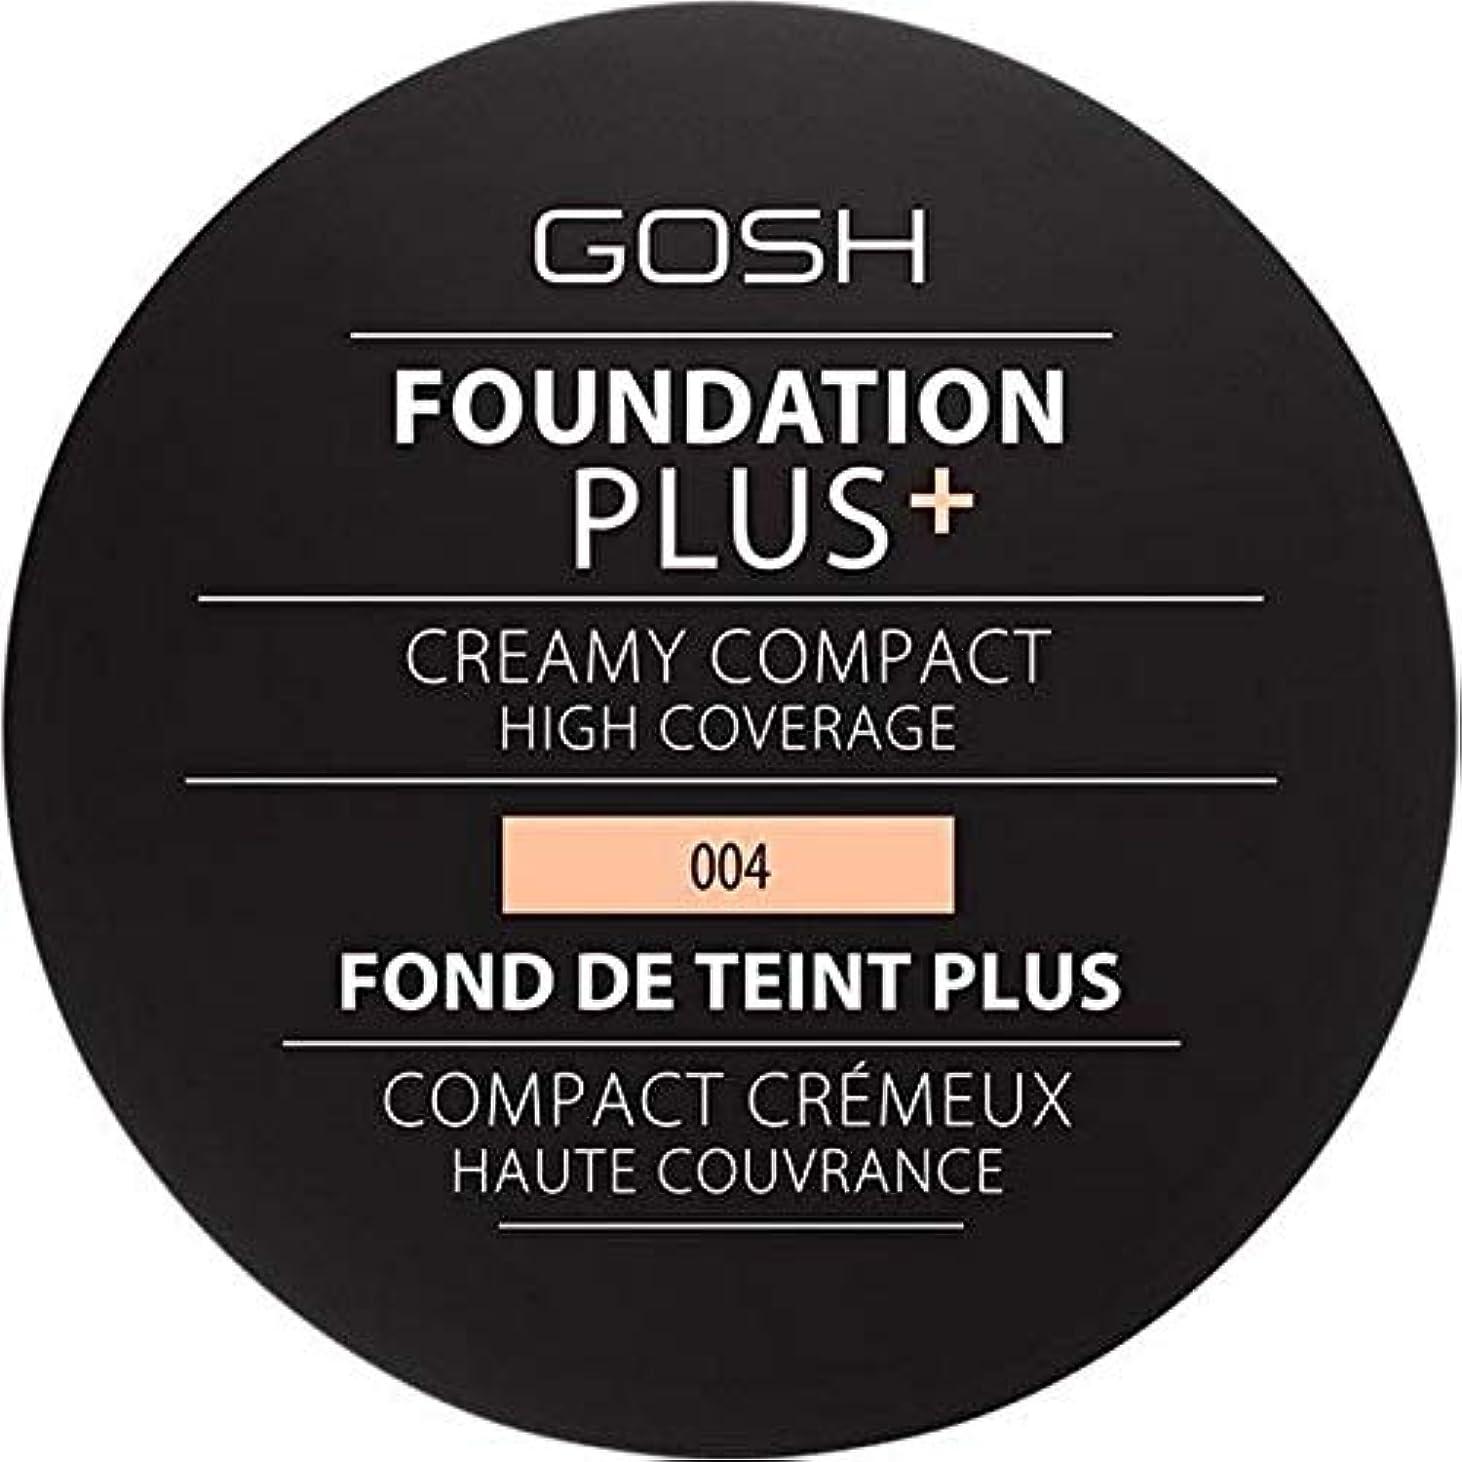 特殊コンパイルパイ[GOSH ] 基礎プラス+クリーミーコンパクトな自然004 - Foundation Plus+ Creamy Compact Natural 004 [並行輸入品]